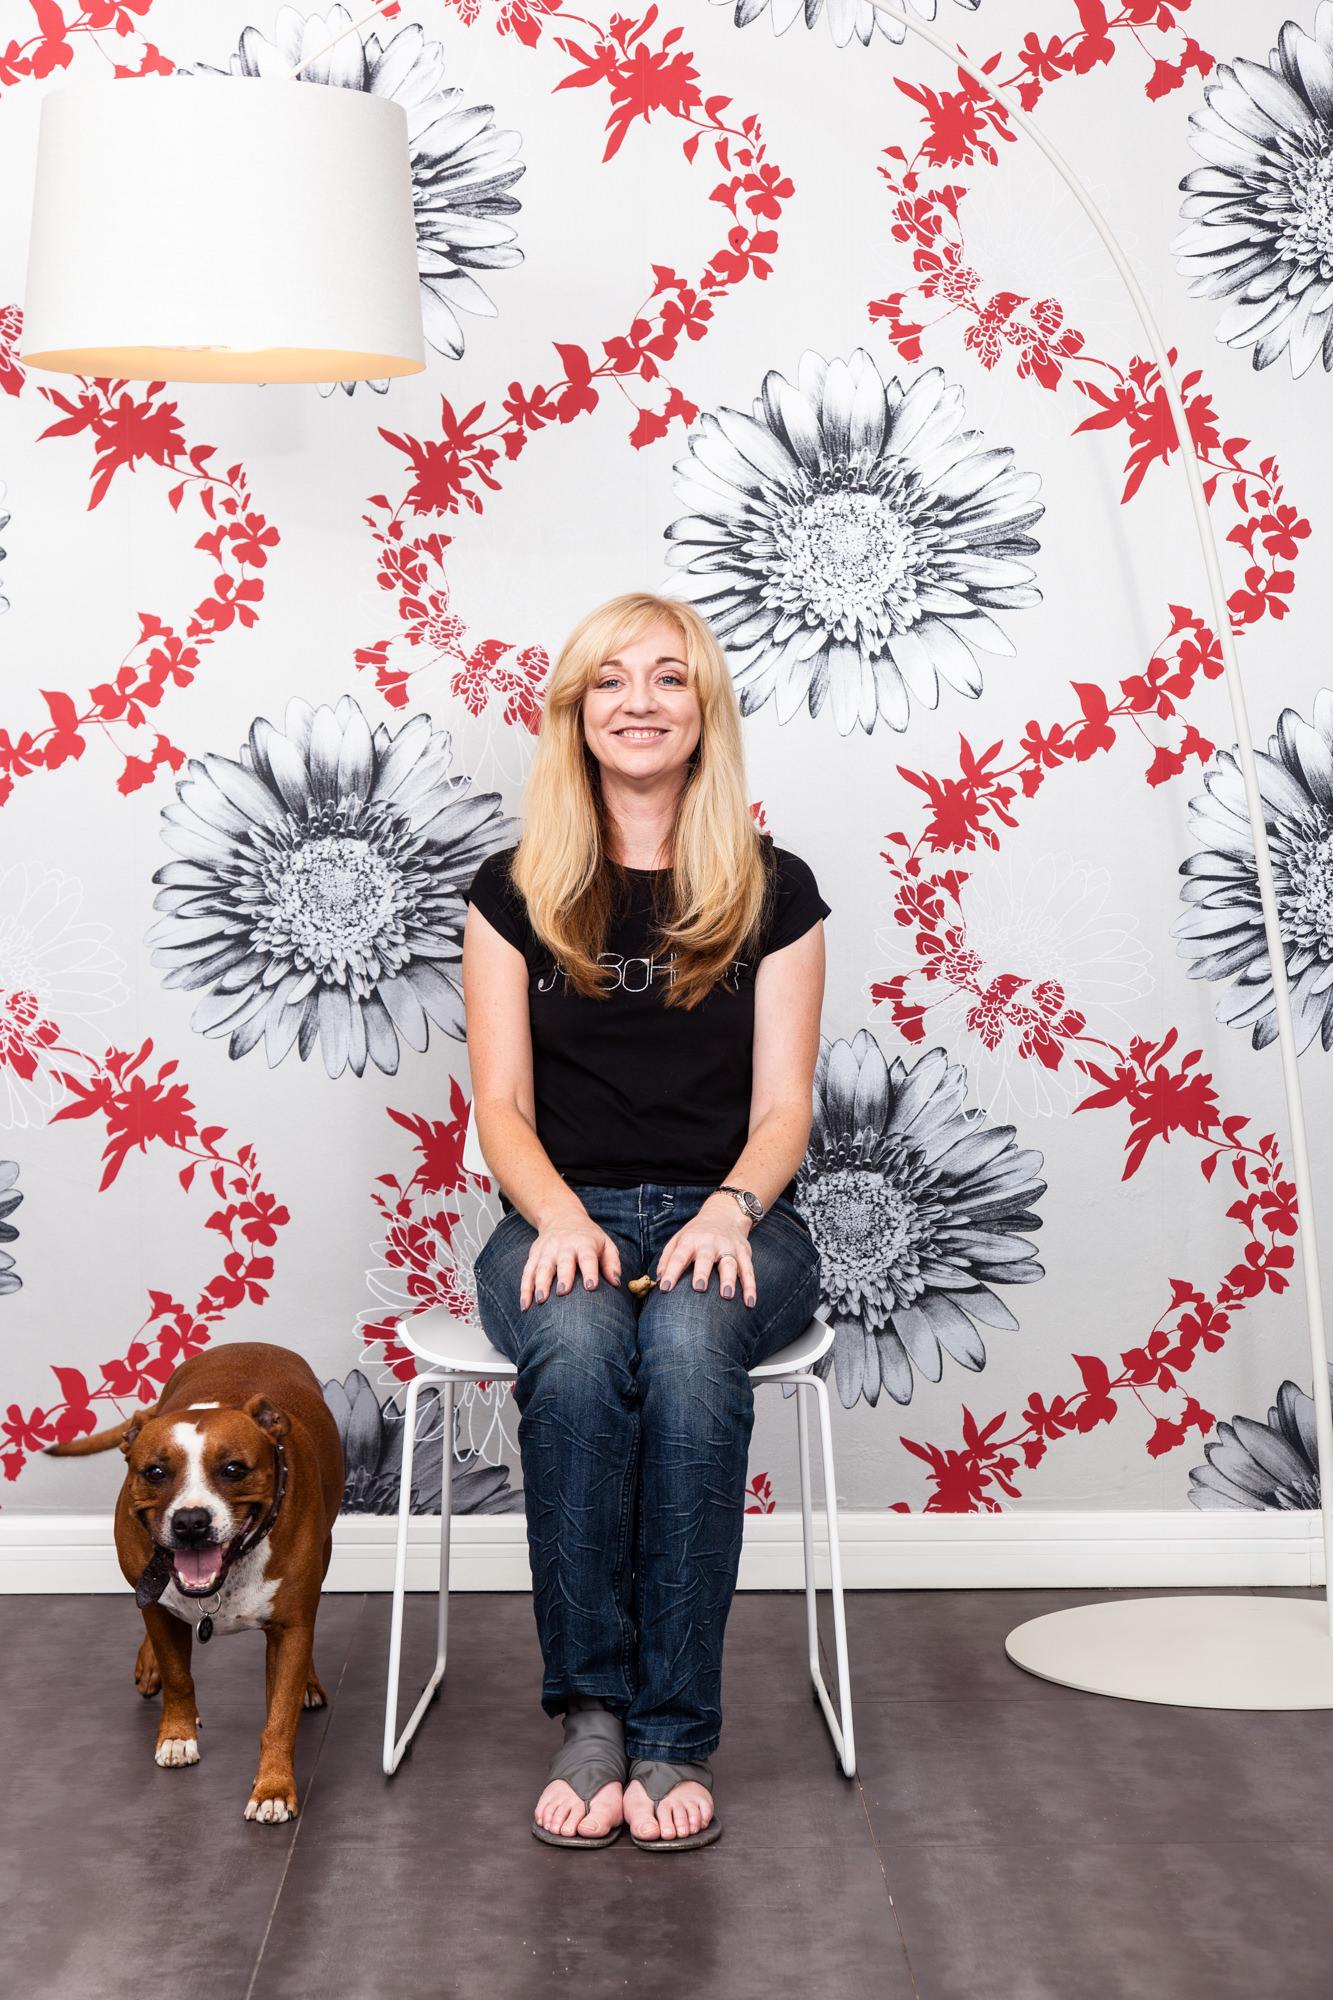 tim gerges portrait photographer Annelie-3478.jpg